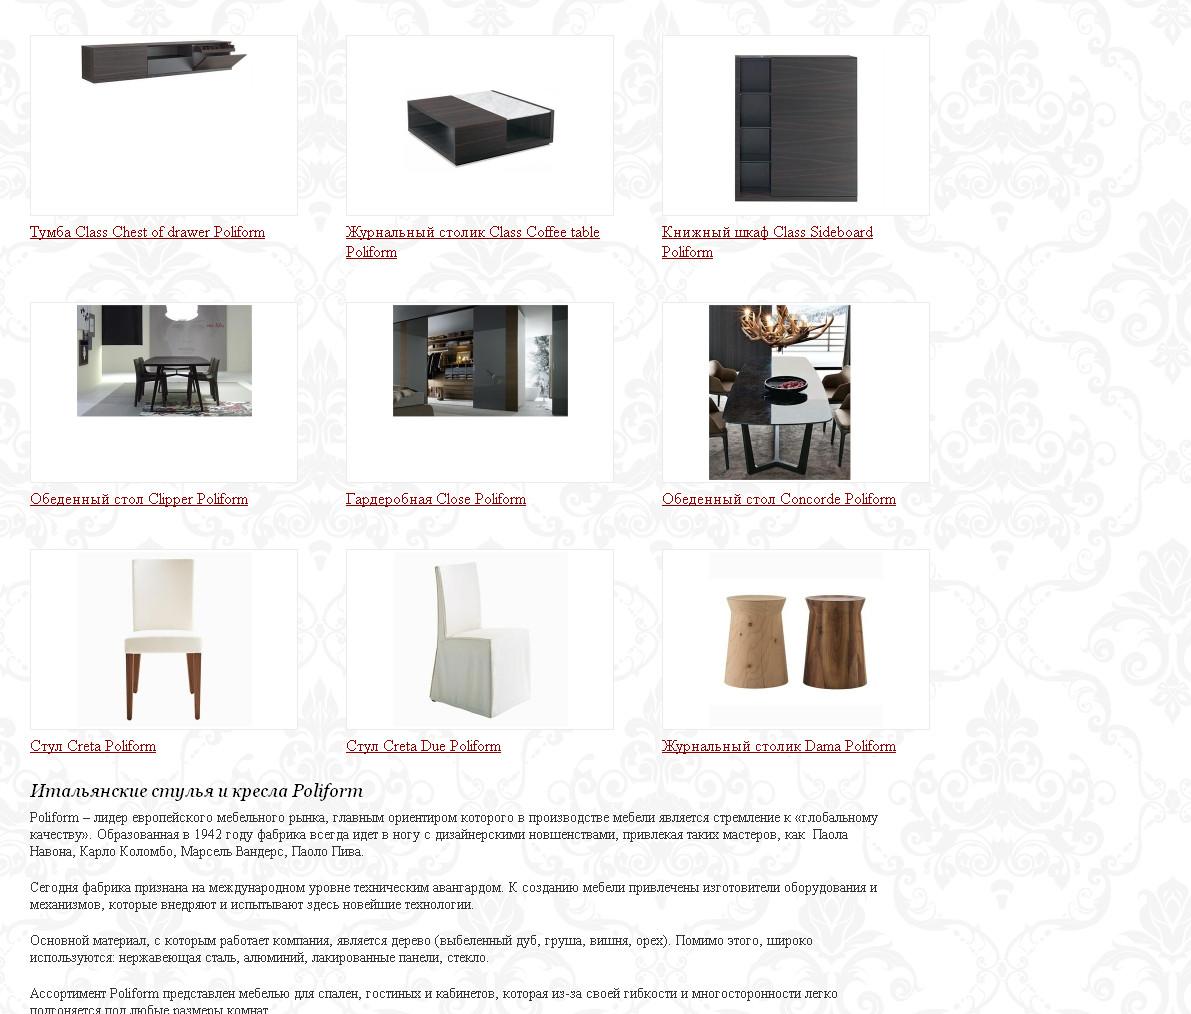 Текст для сайта элитной итальянской мебели. Poliform